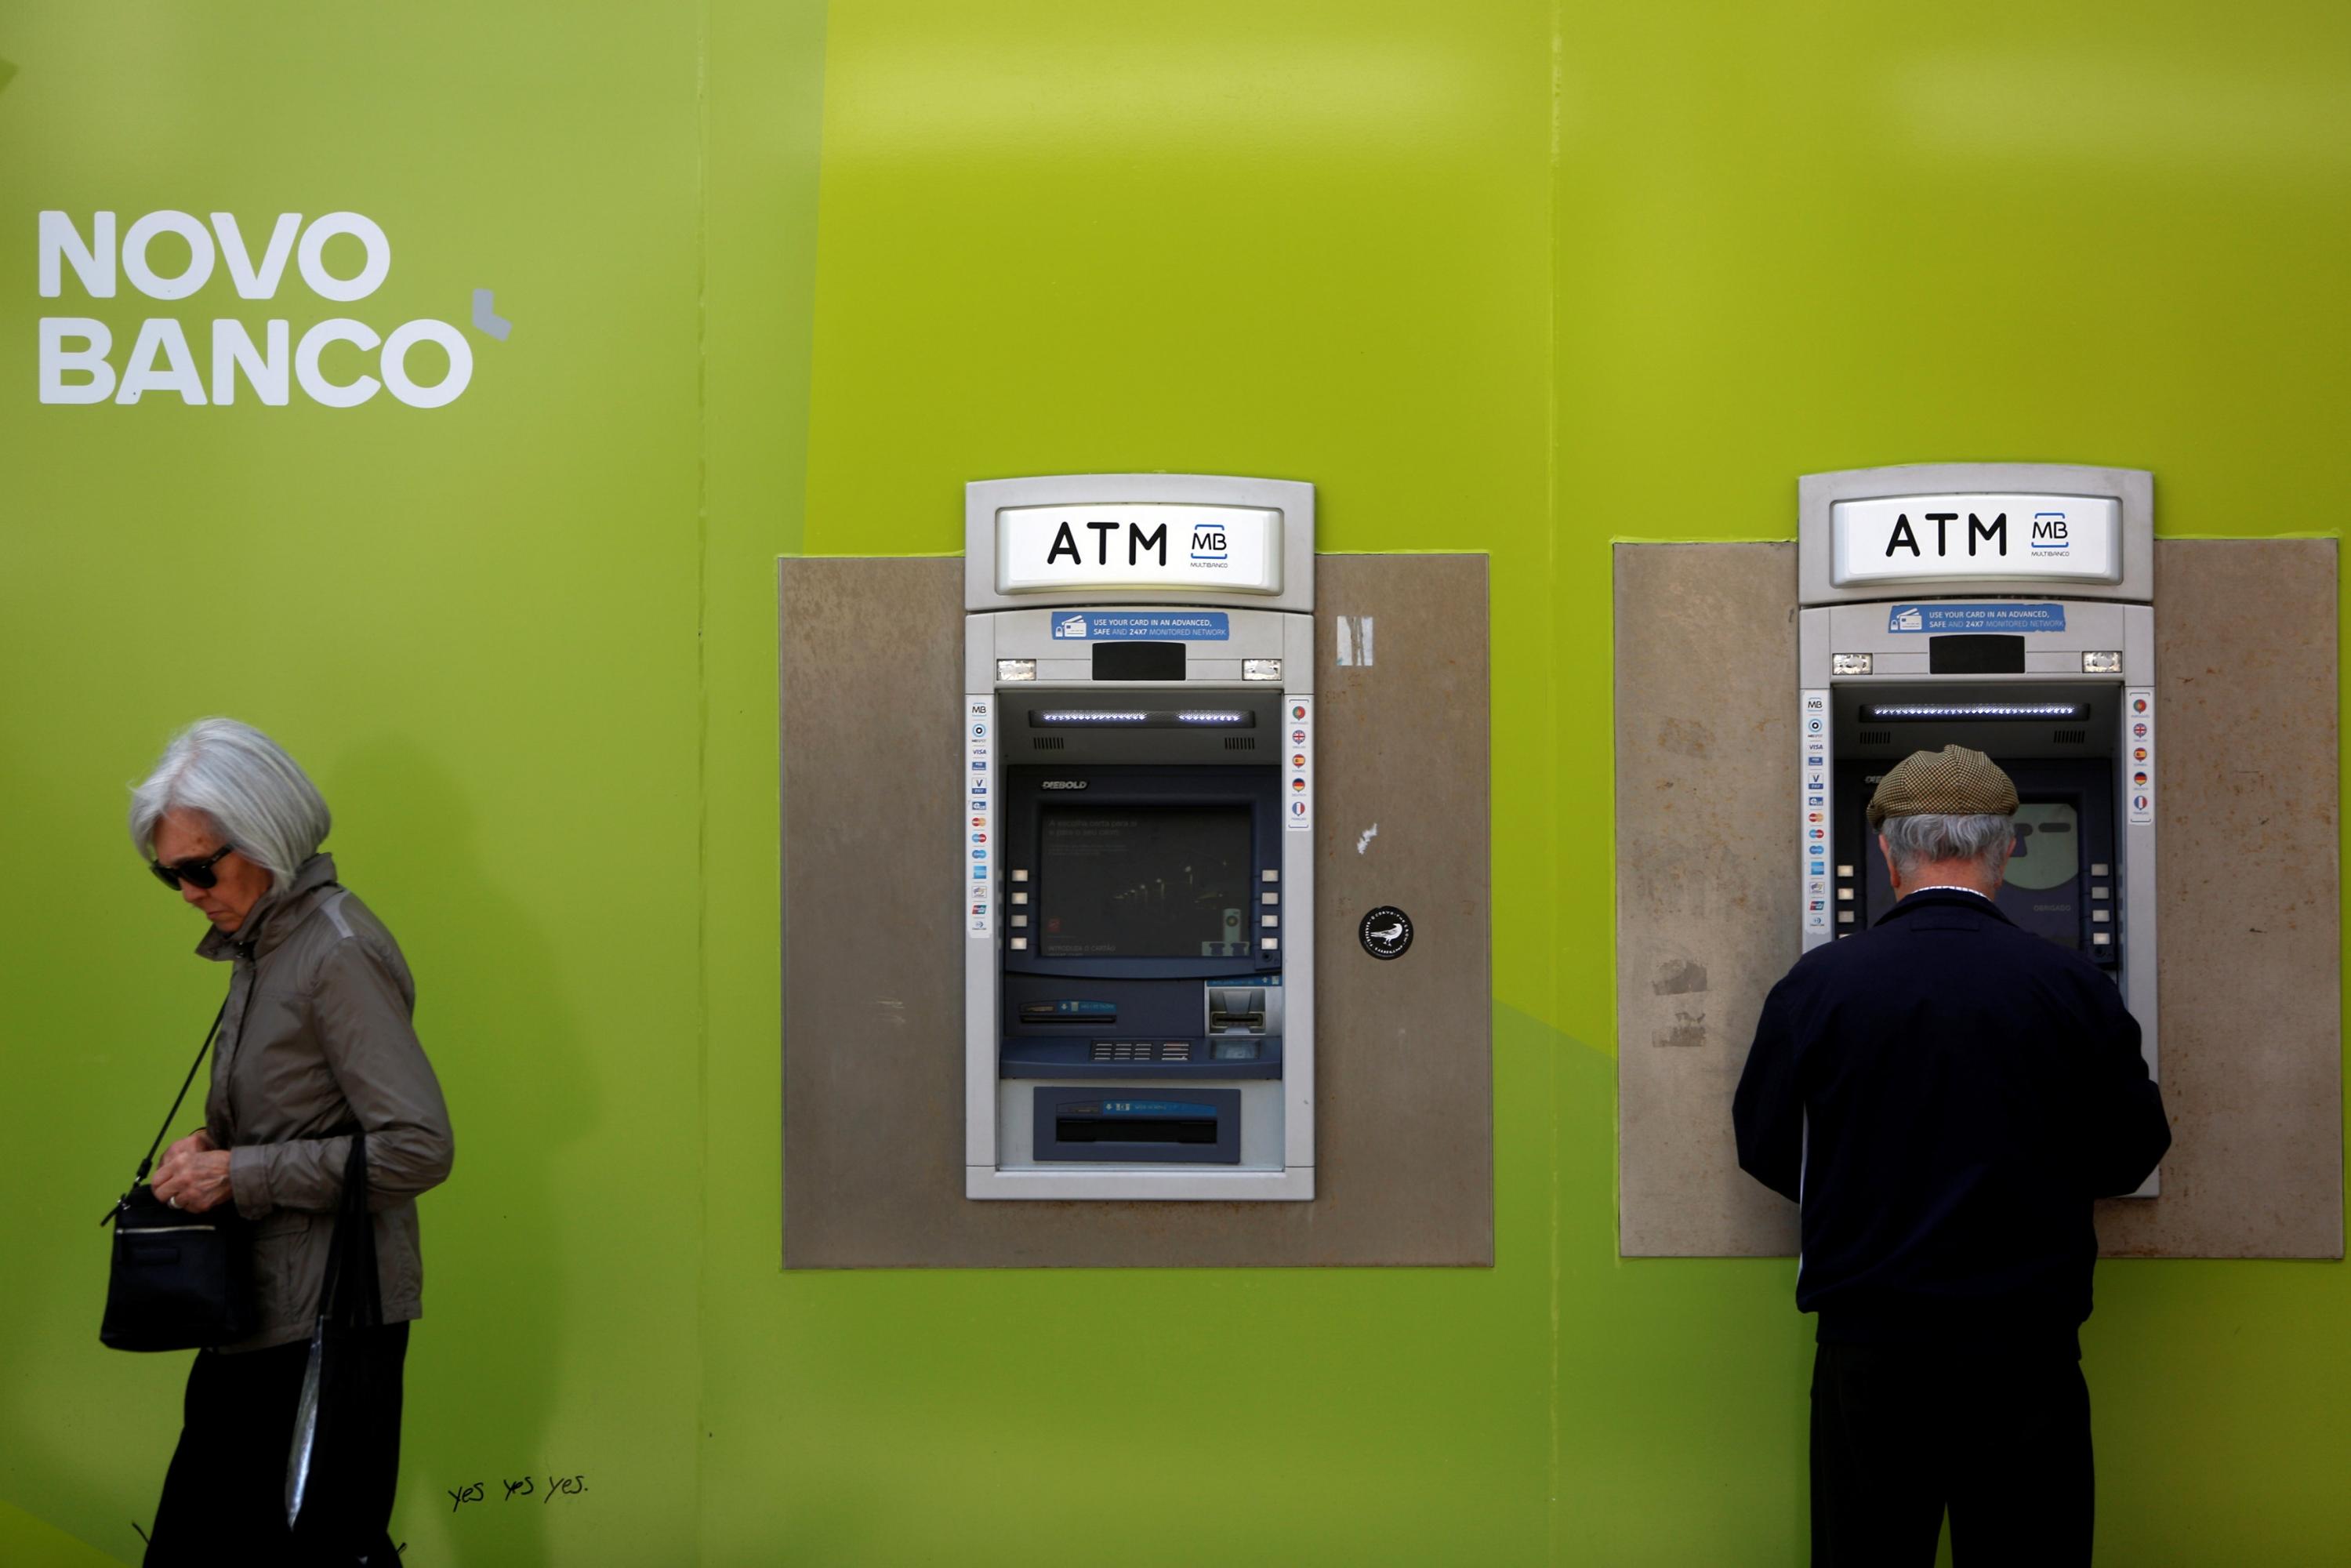 Bruselas aprueba la venta de novo banco al fondo for Banco espirito santo oficinas